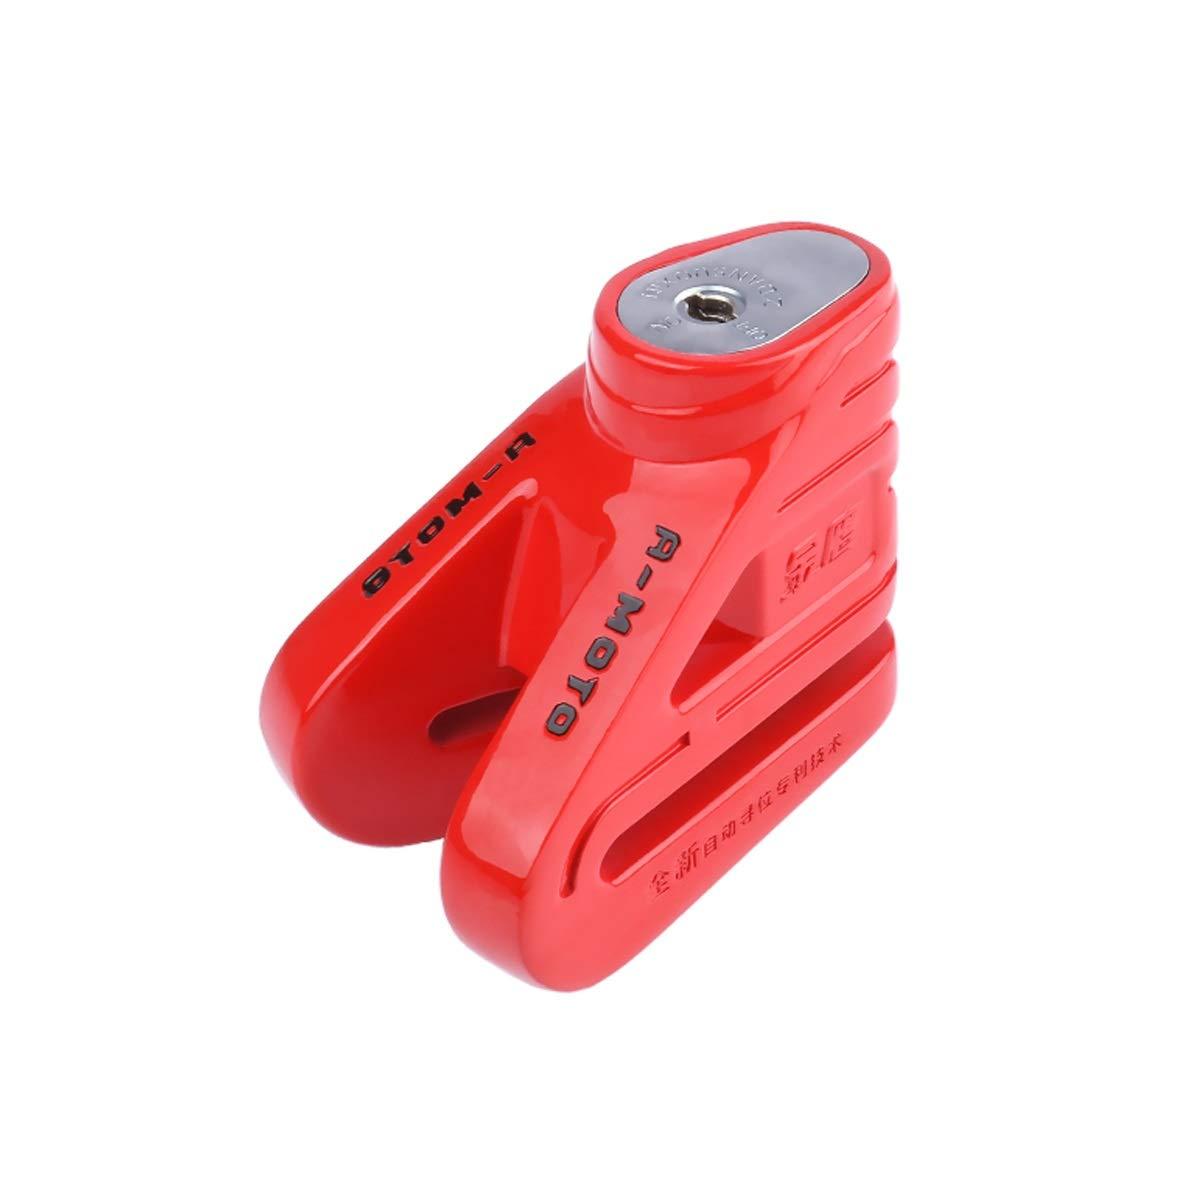 ZHONGYUE Motorcycle Lock, Disc Brake Lock, Anti-Theft Lock, Bicycle Disc Brake Lock, Purple, Green, Red, Silver (Color : Red)